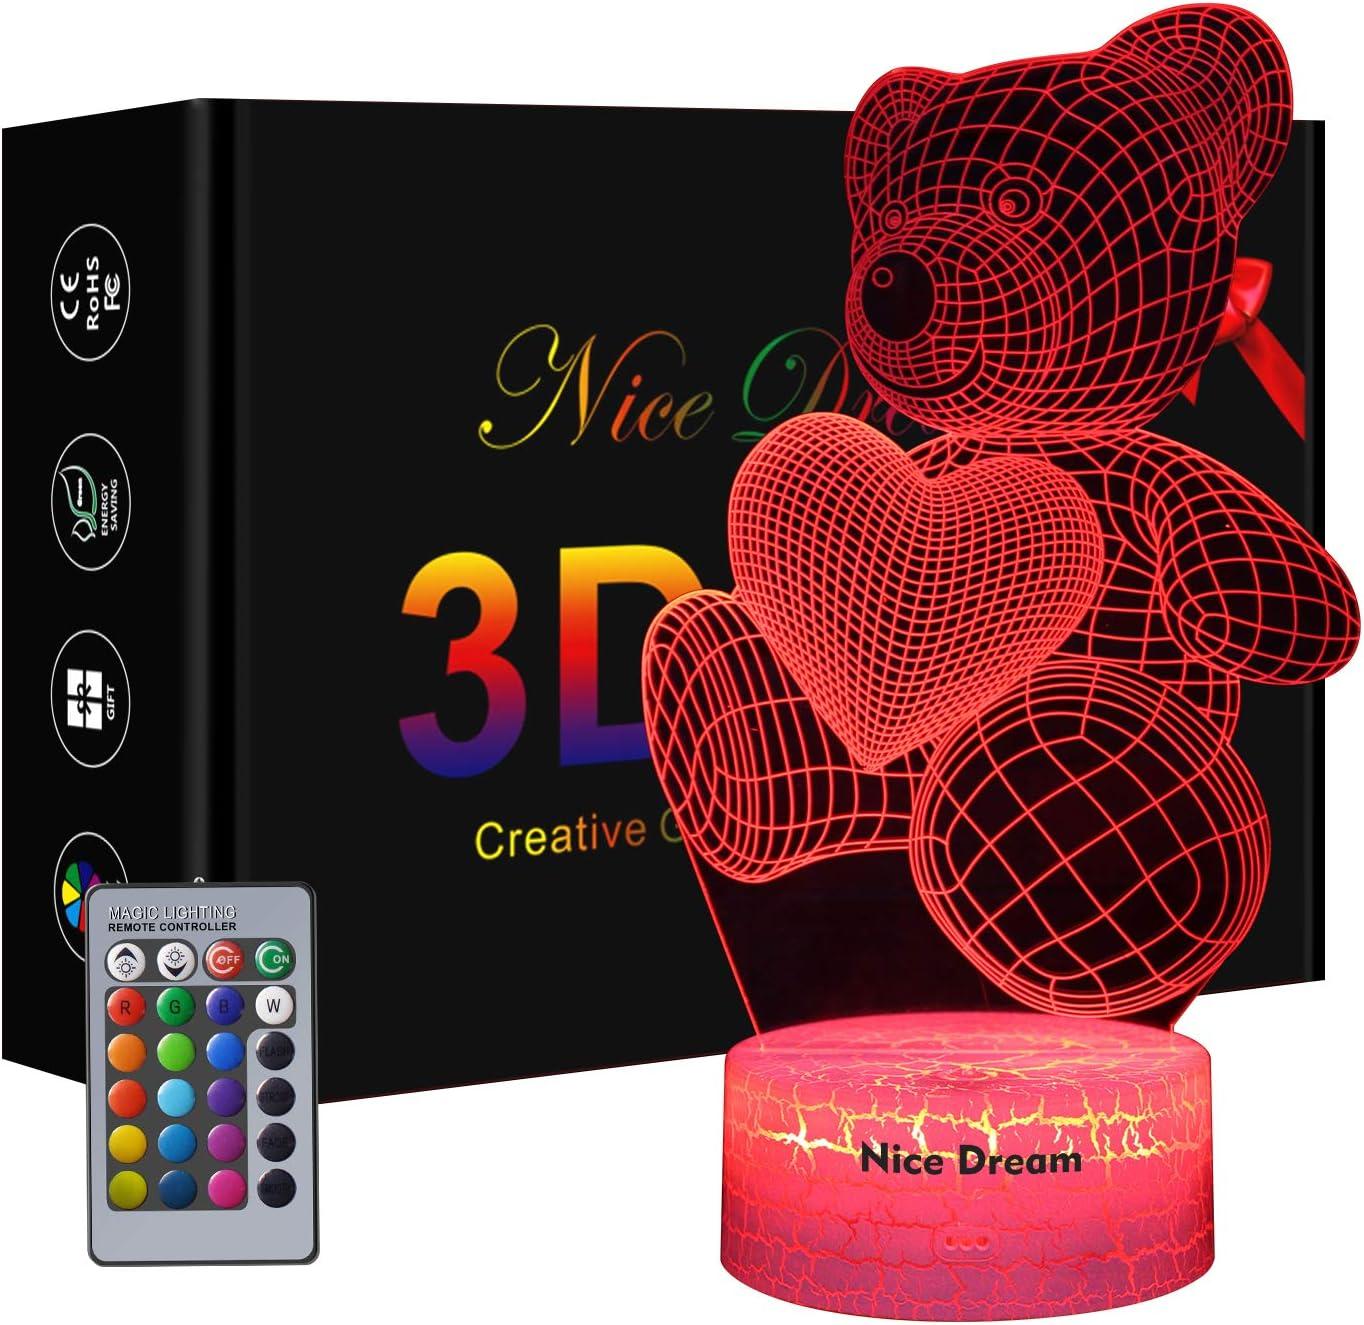 Teddy Bear Gift, Teddy Bear 3D Lámpara de ilusión óptica para niños y amantes, 16 colores que cambian de acrílico LED Night Light, cumpleaños o regalo de San Valentín